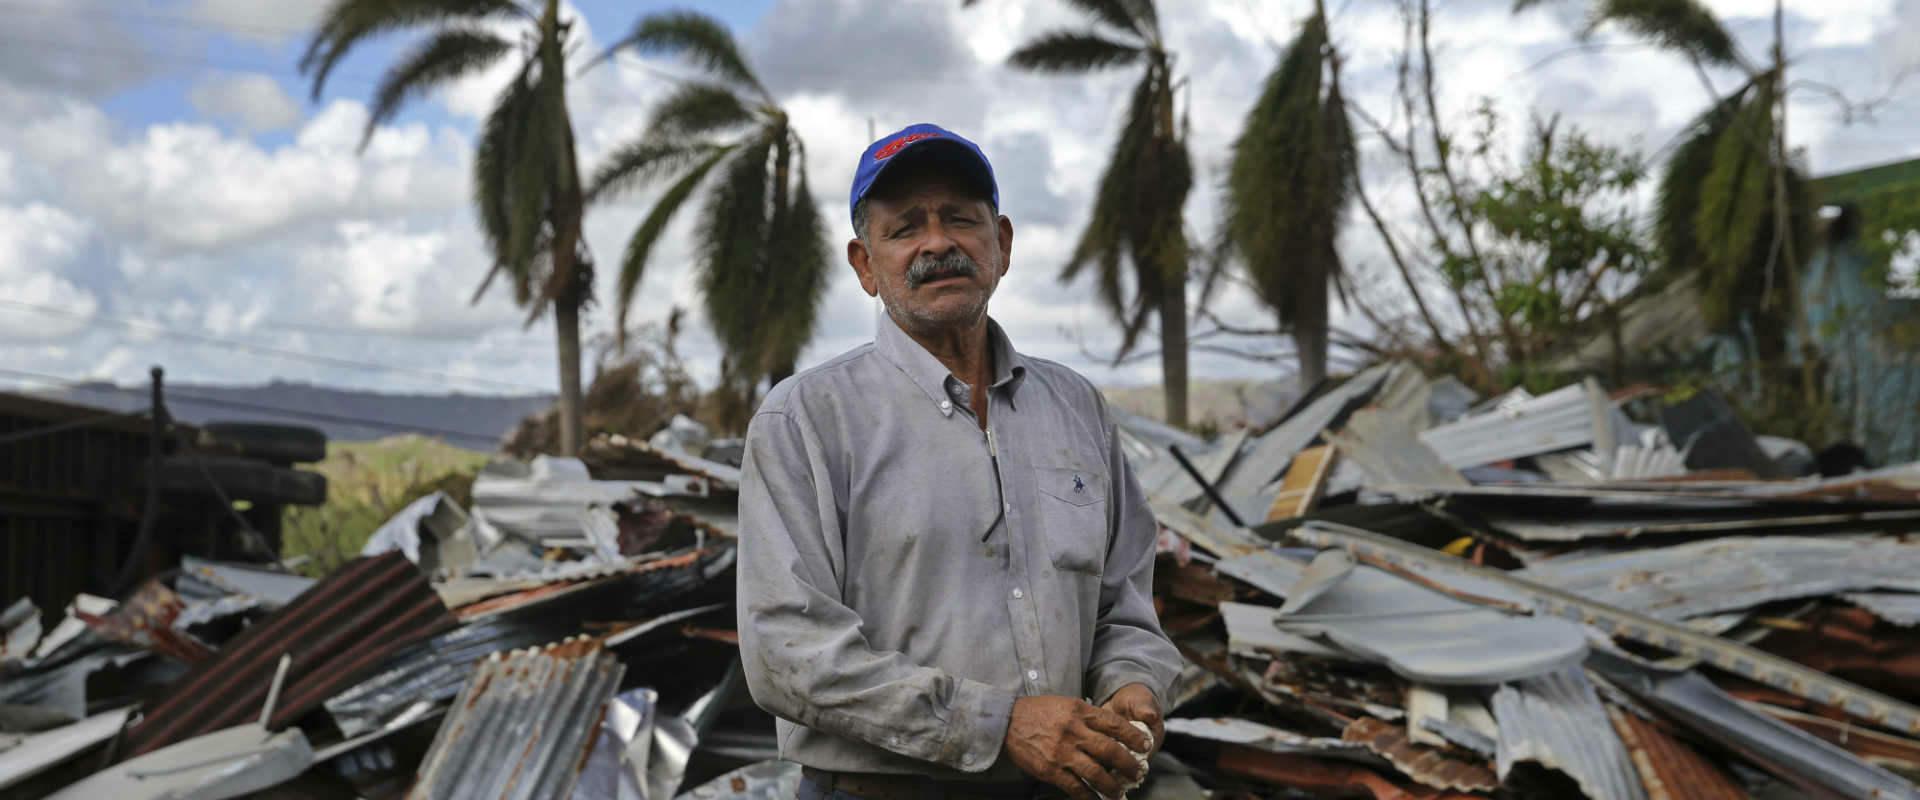 נזקי הסופה מריה בפוארטו ריקו